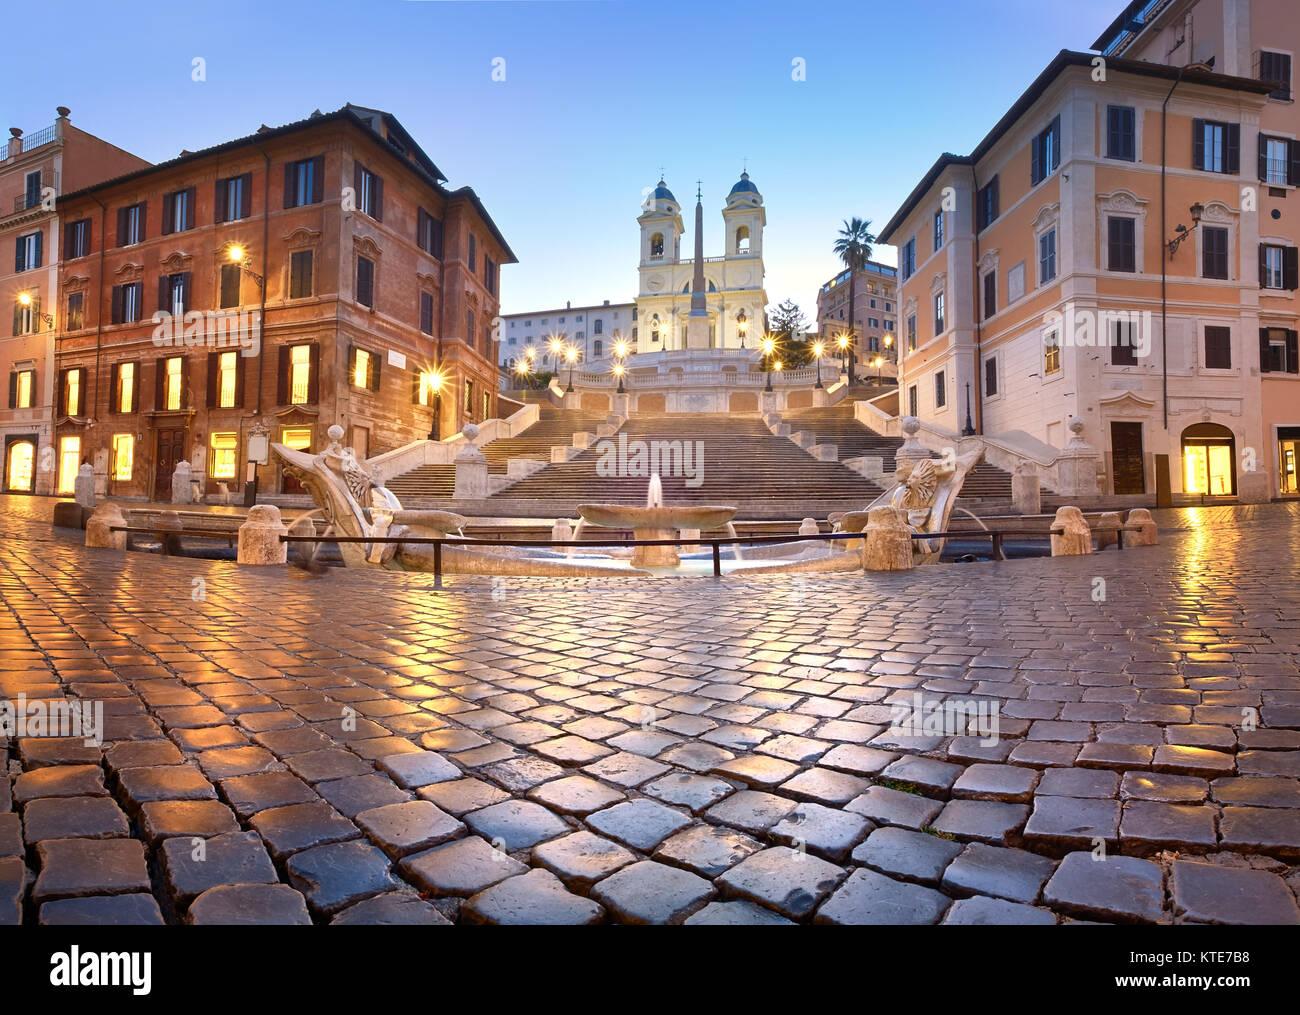 Les marches espagnoles et une fontaine en forme de bateau sur la Piazza di Spagna à Rome, Italie. Tôt Photo Stock